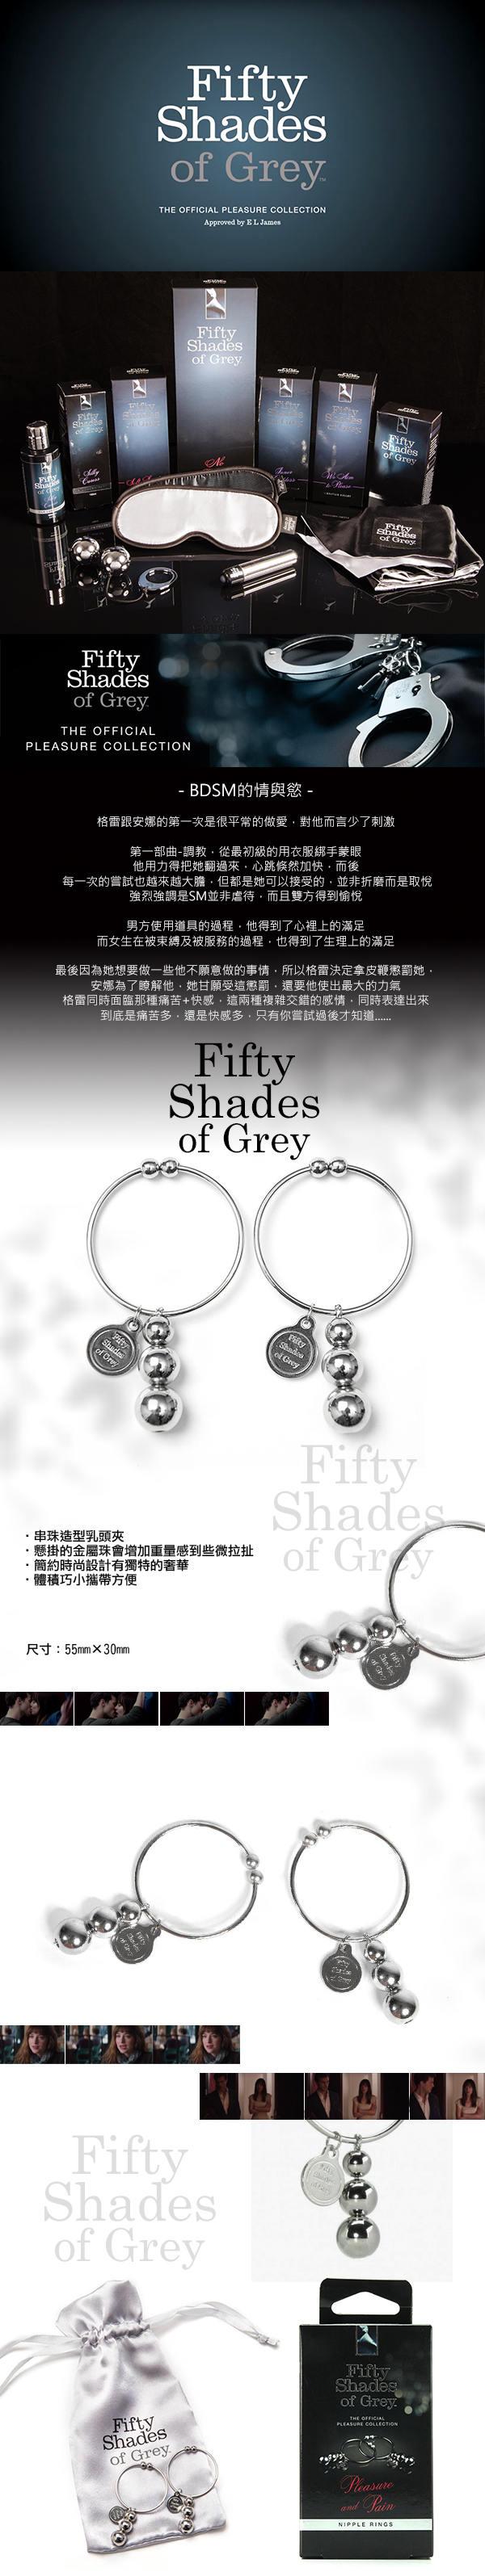 Fifty Shades Of Grey 格雷的五十道陰影 串珠造型乳頭夾